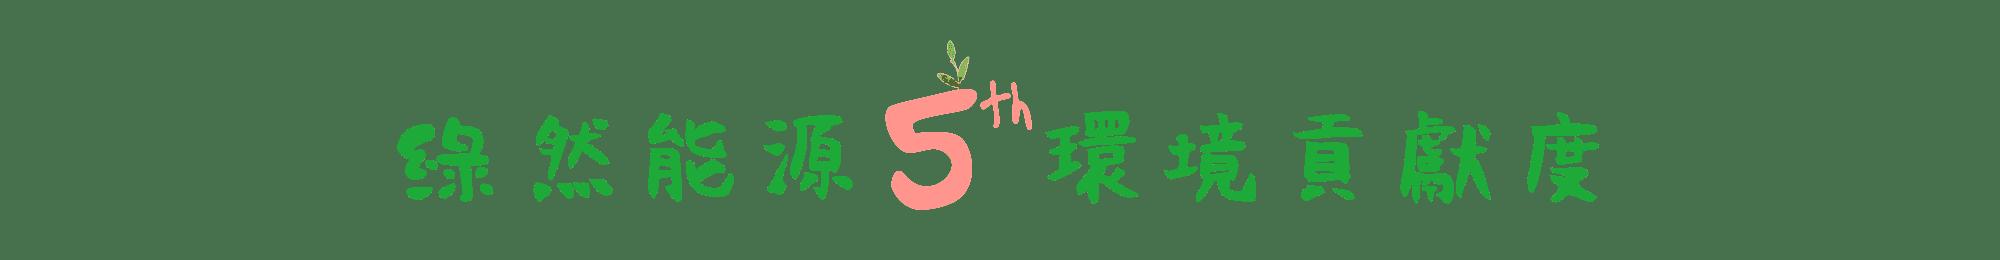 DOMI綠然五周年環境影響力報告